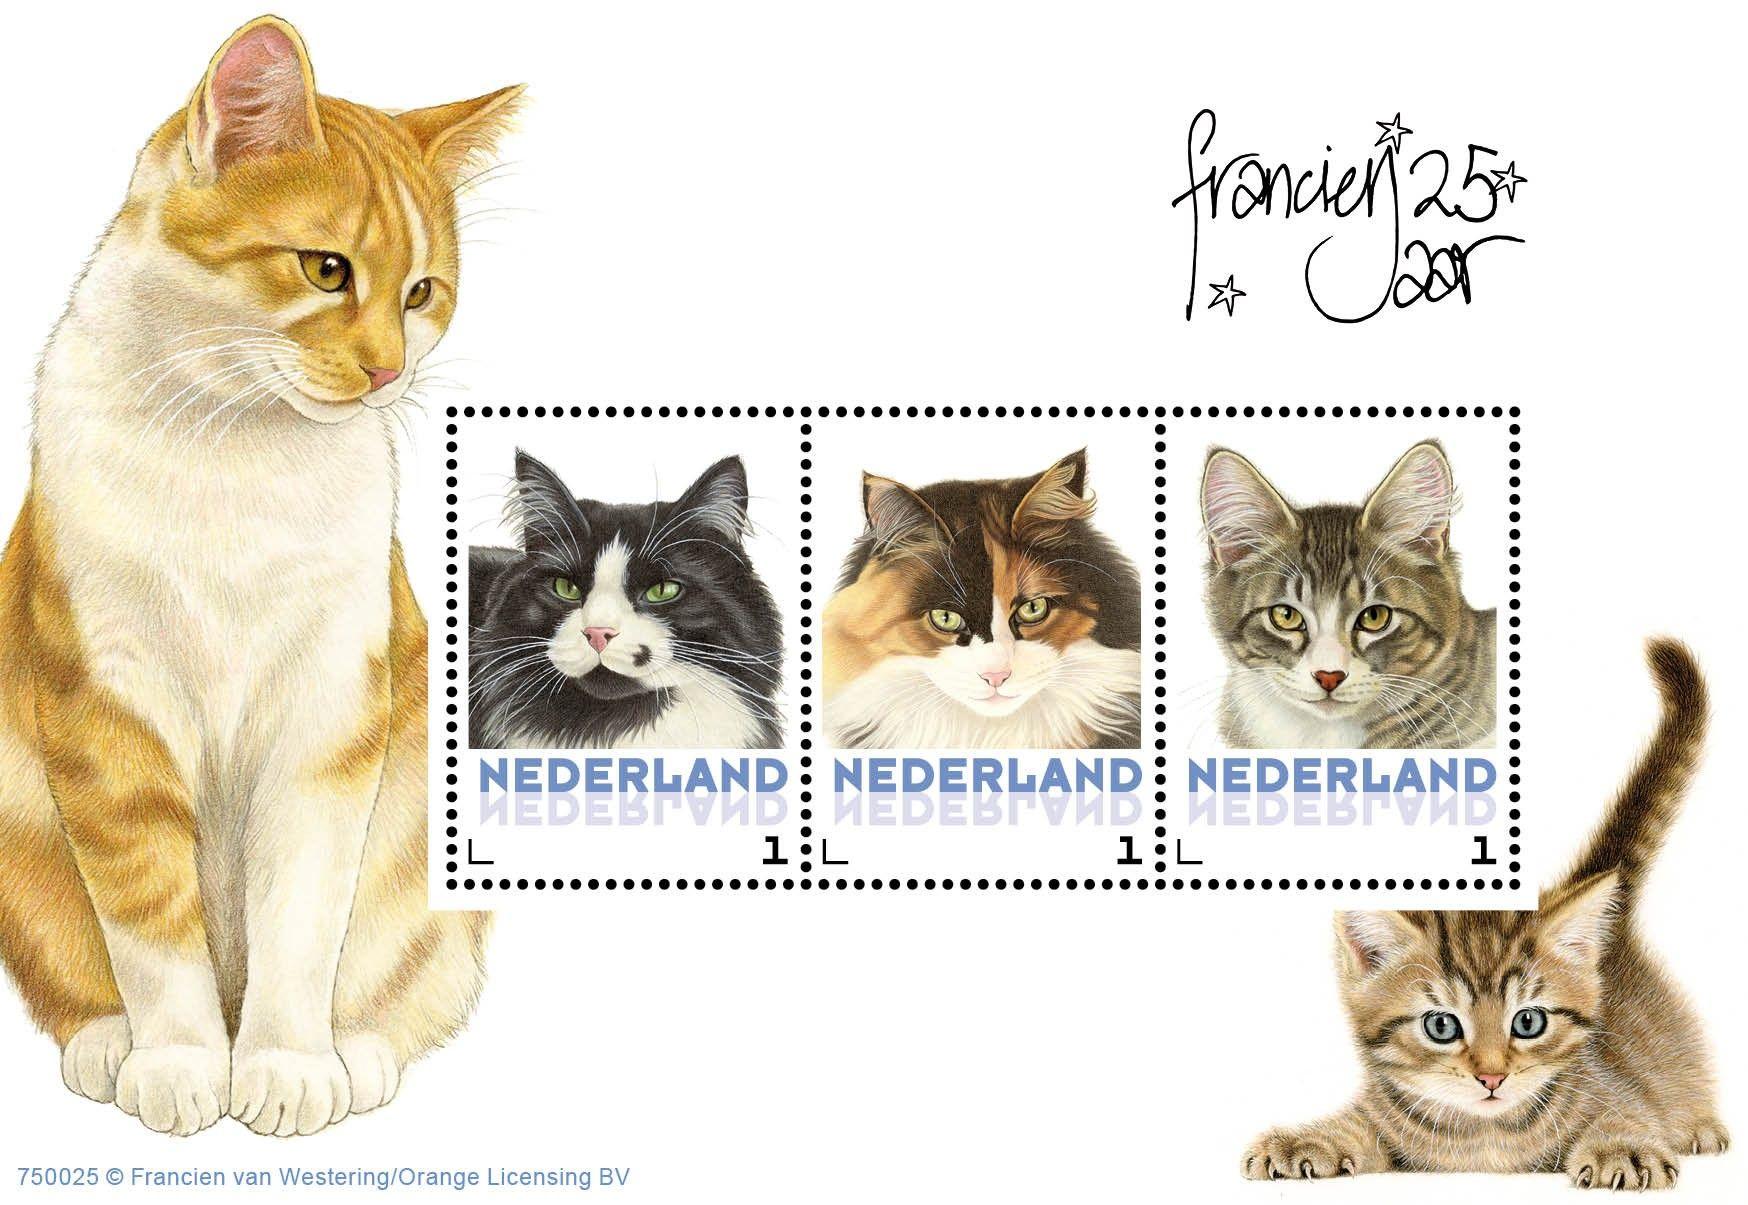 Postset Franciens katten 5 - Postsets - Postzegelproducten